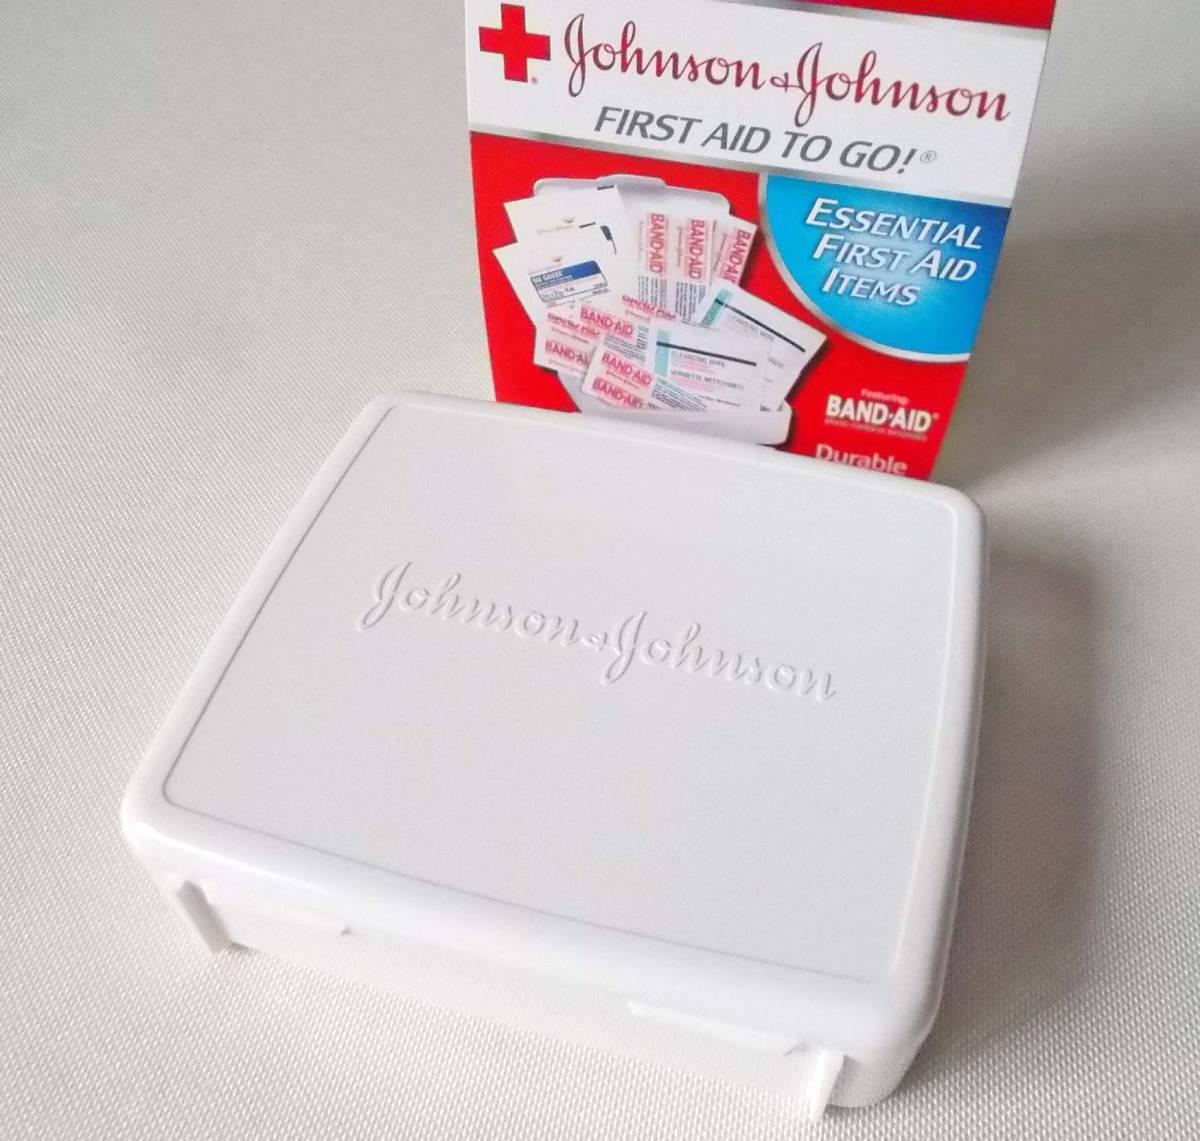 ジョンソン&ジョンソン バンドエイド ファーストエイド 携帯救急セット 災害/キャンプ/旅行/ドライブ 送料無料_画像3